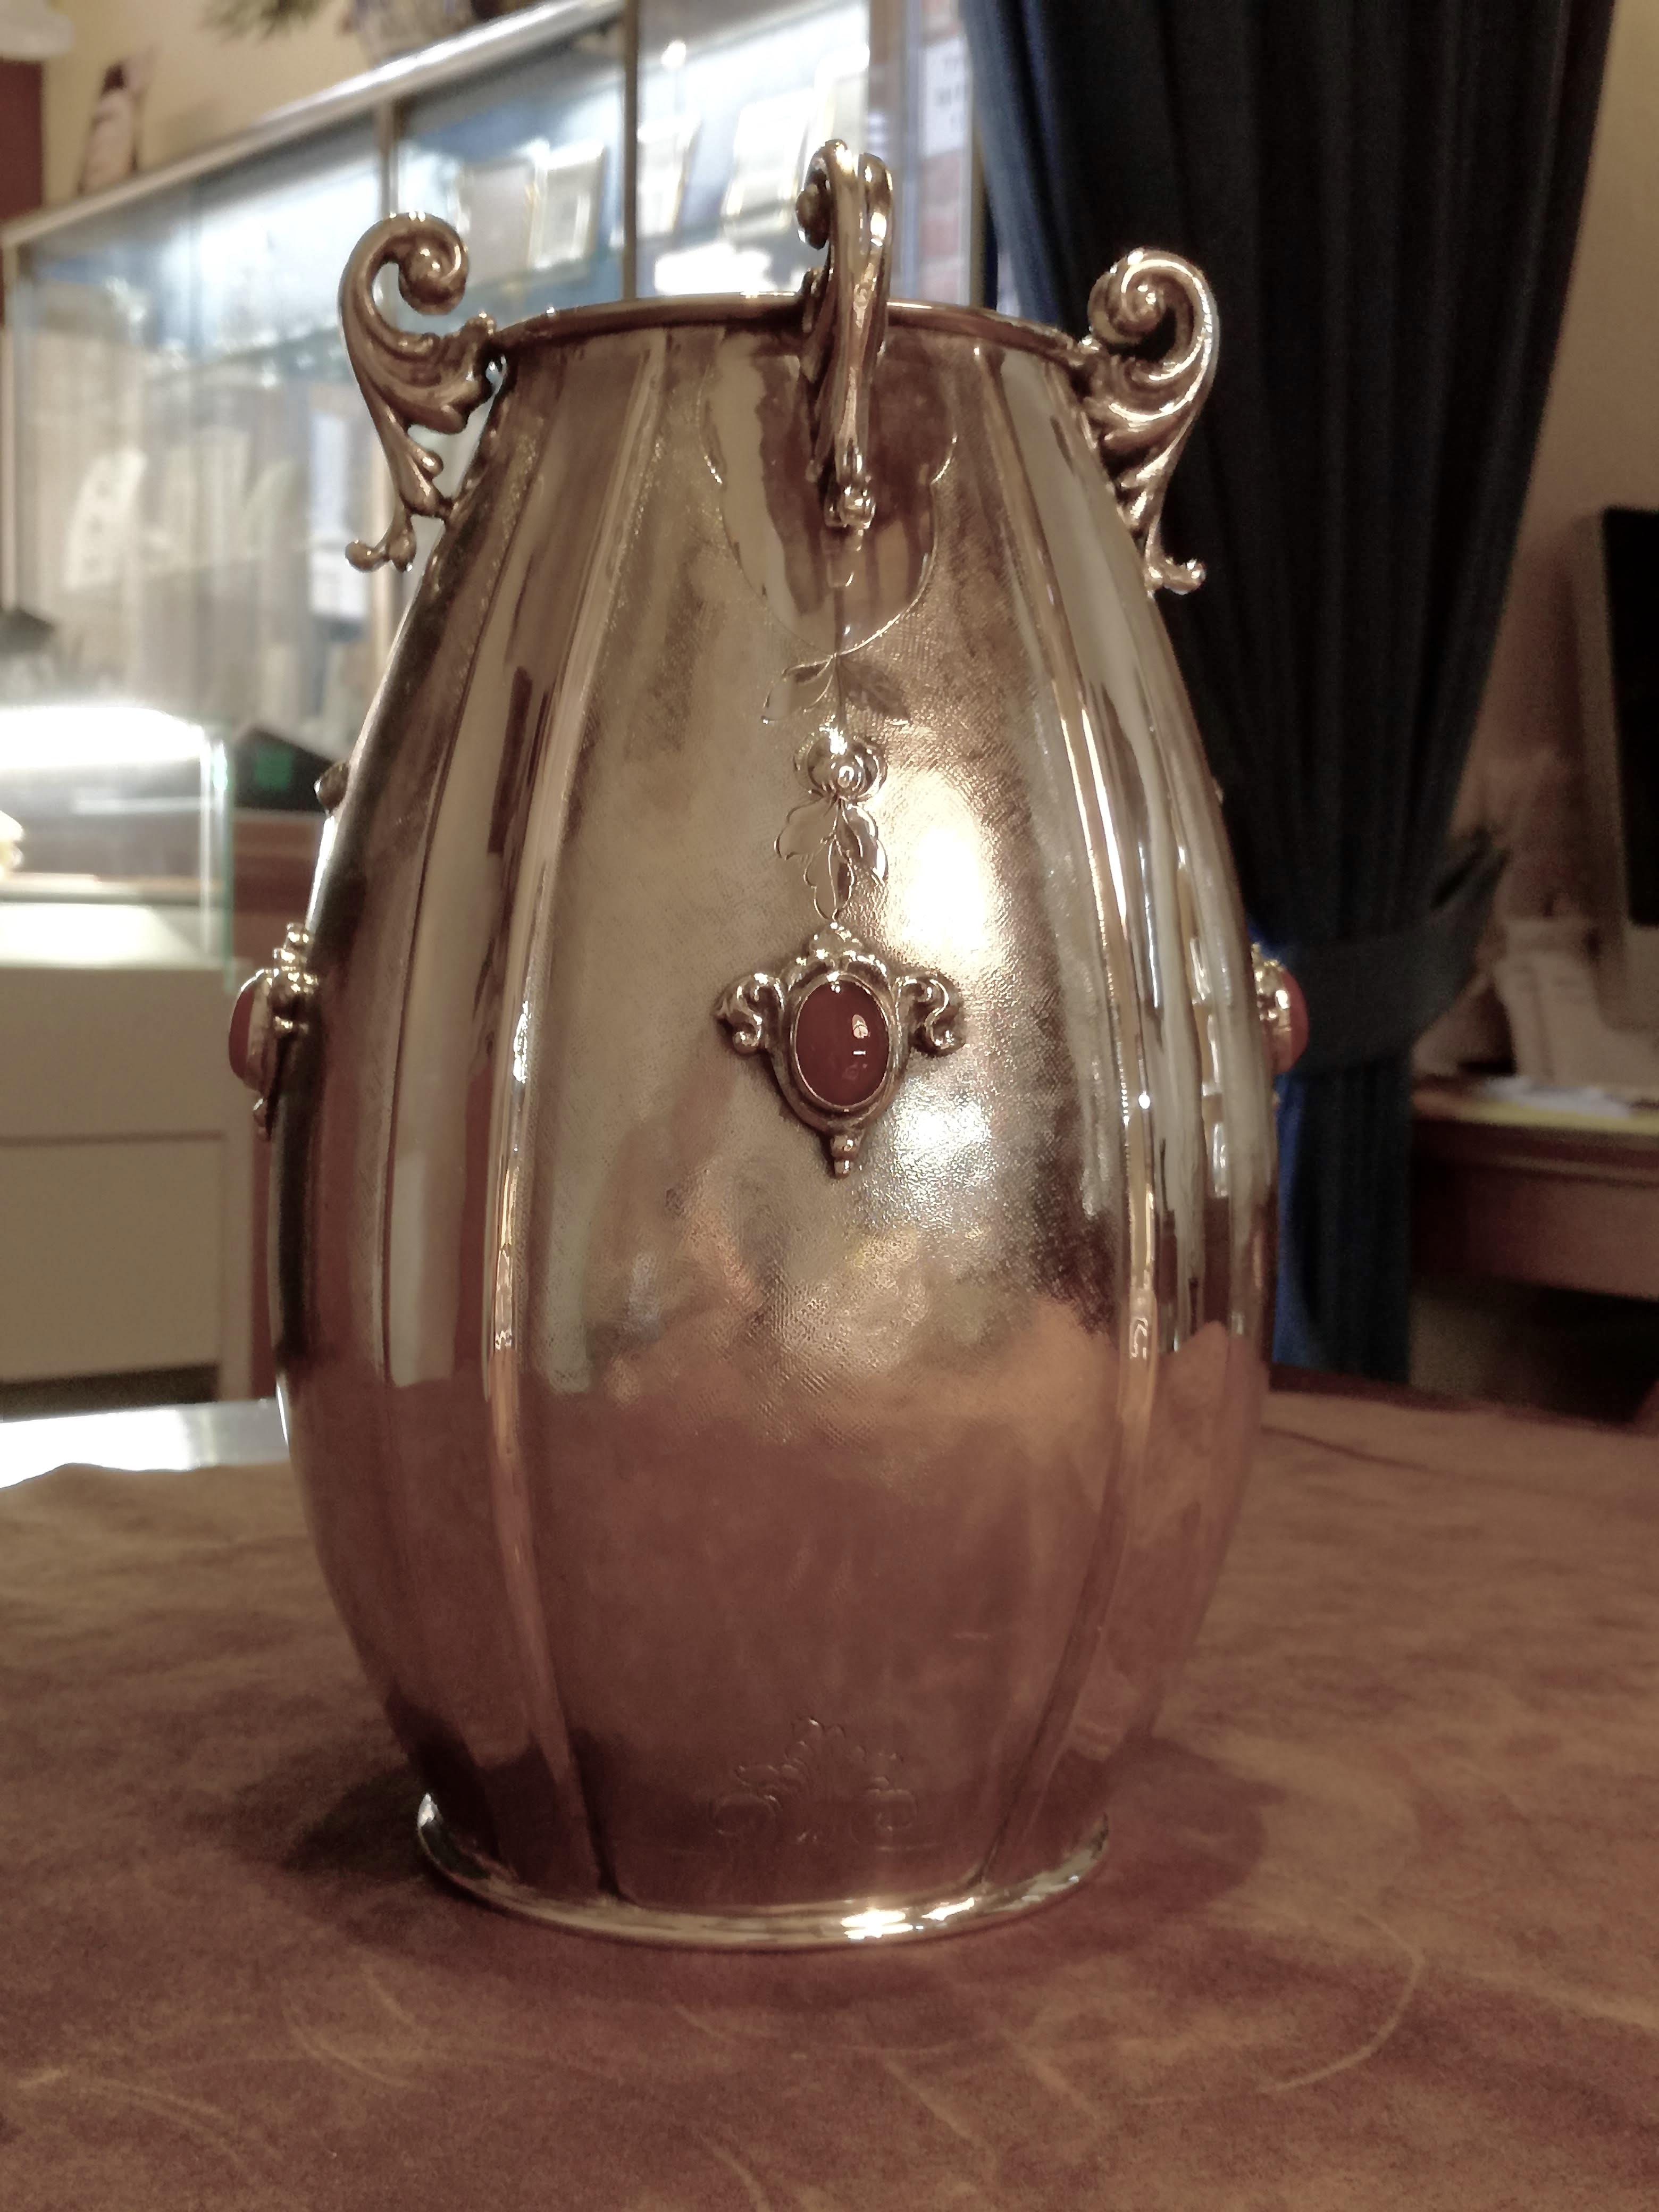 Vaso in Argento 800/1000 in stile Art Dèco, produzione artigianale milanese con Pietre Rosse